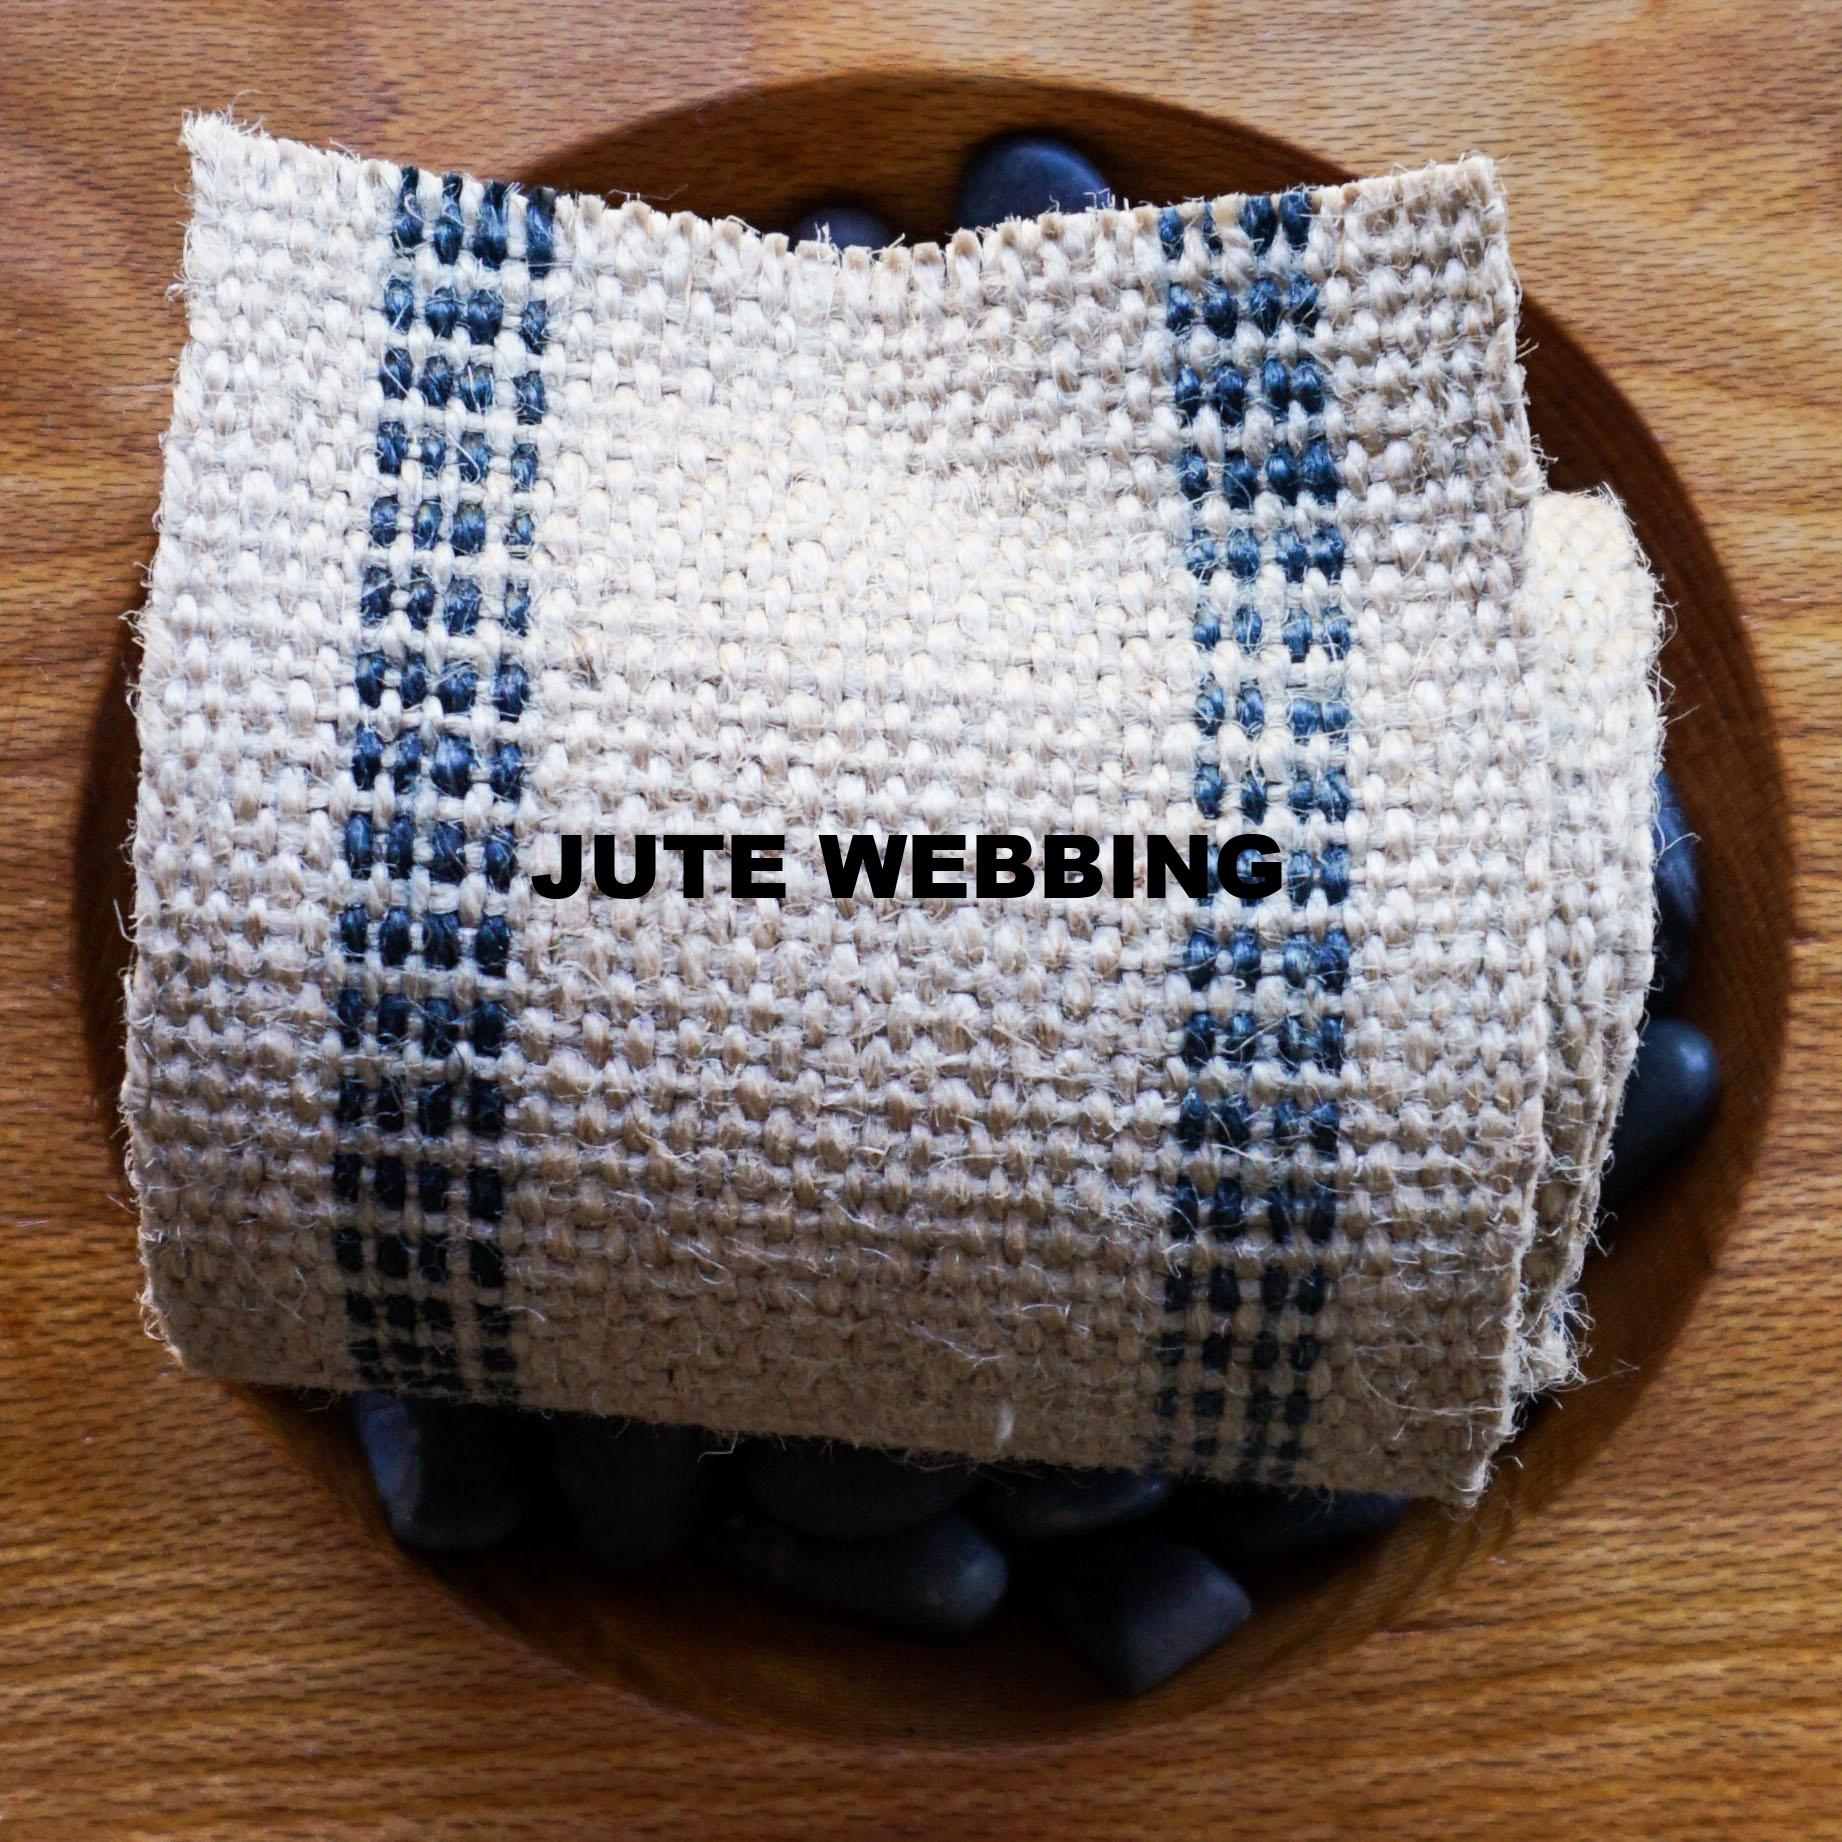 JUTE WEBBING